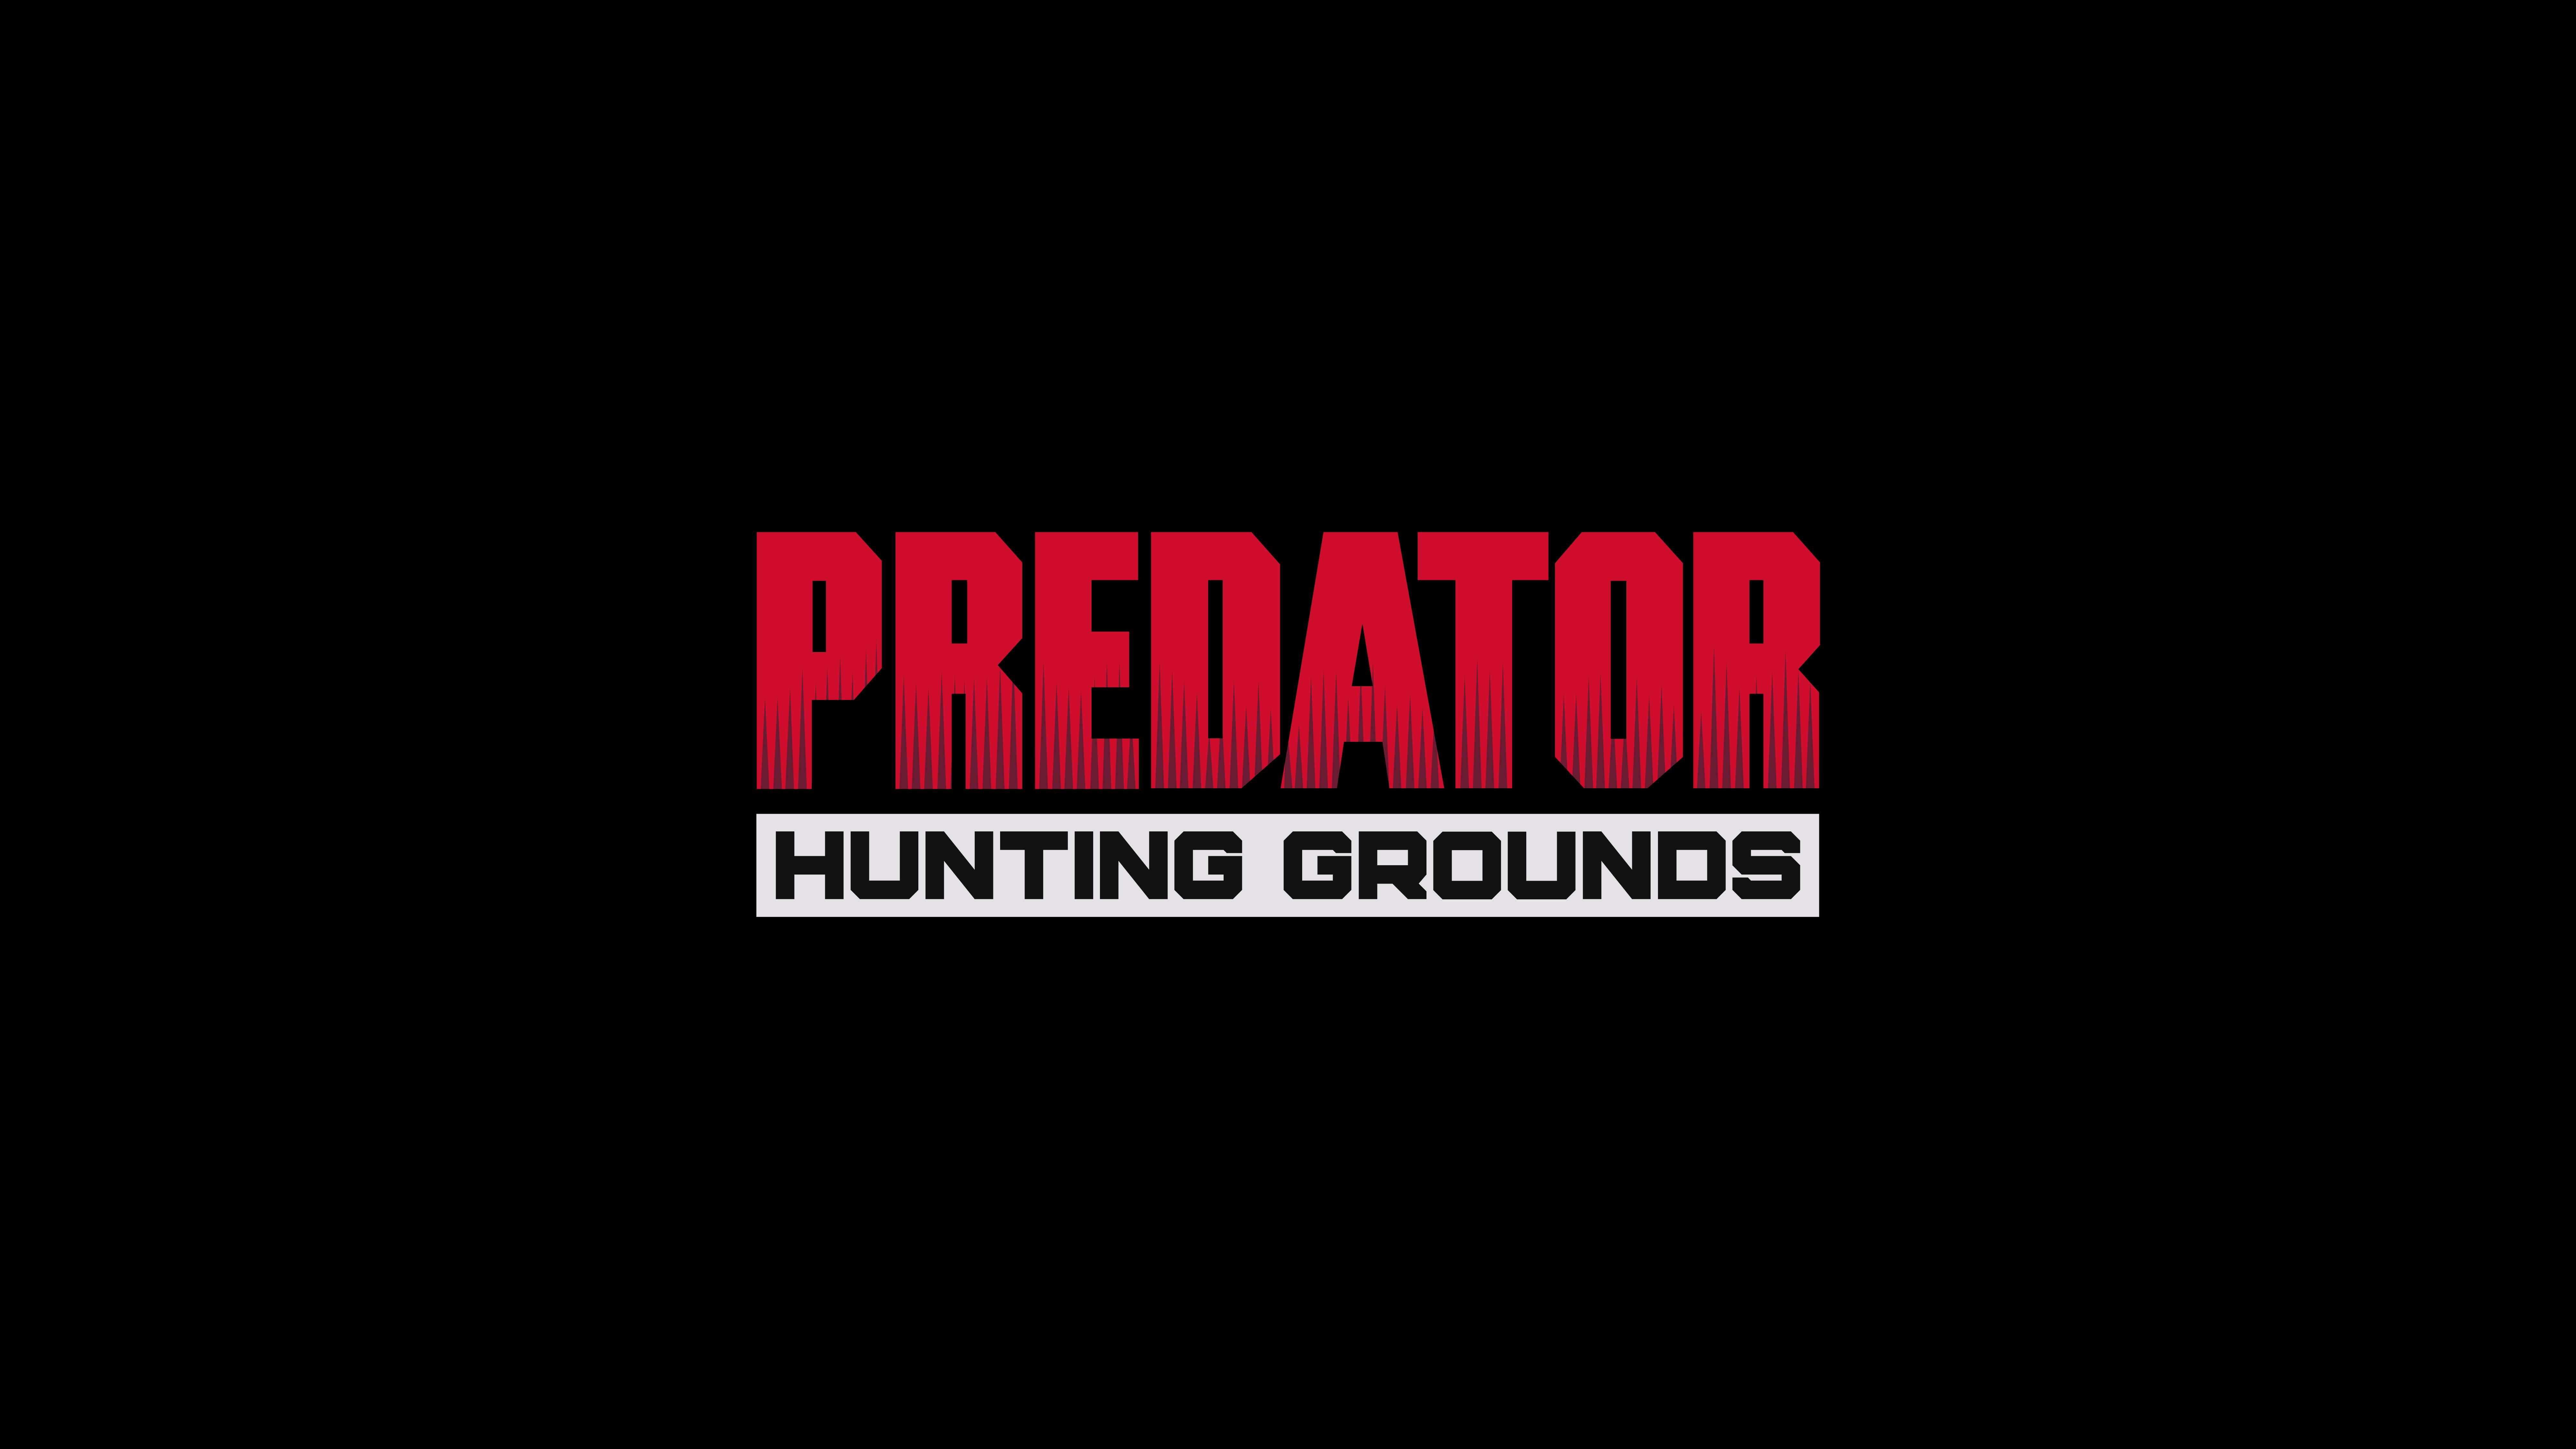 PS4 Predatorが2020年4月24日に発売 , アキバ総研